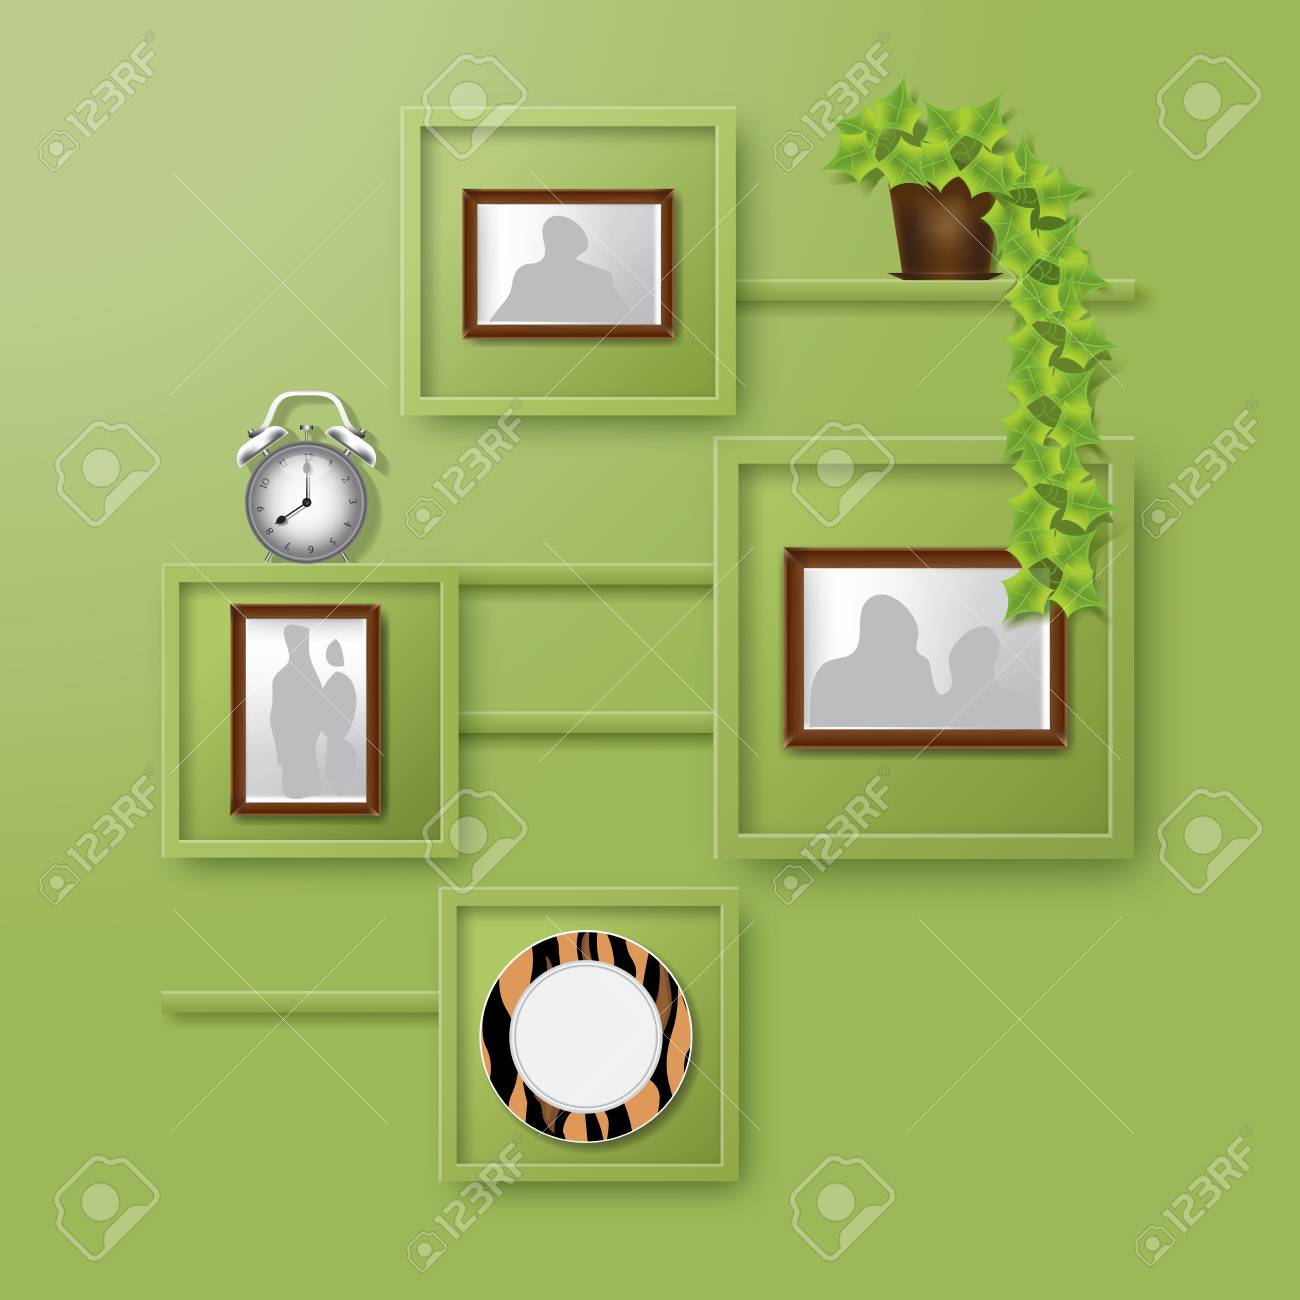 Startseite Inter-Design. Grüne Wand Mit Regale Mit Bilderrahmen Von ...